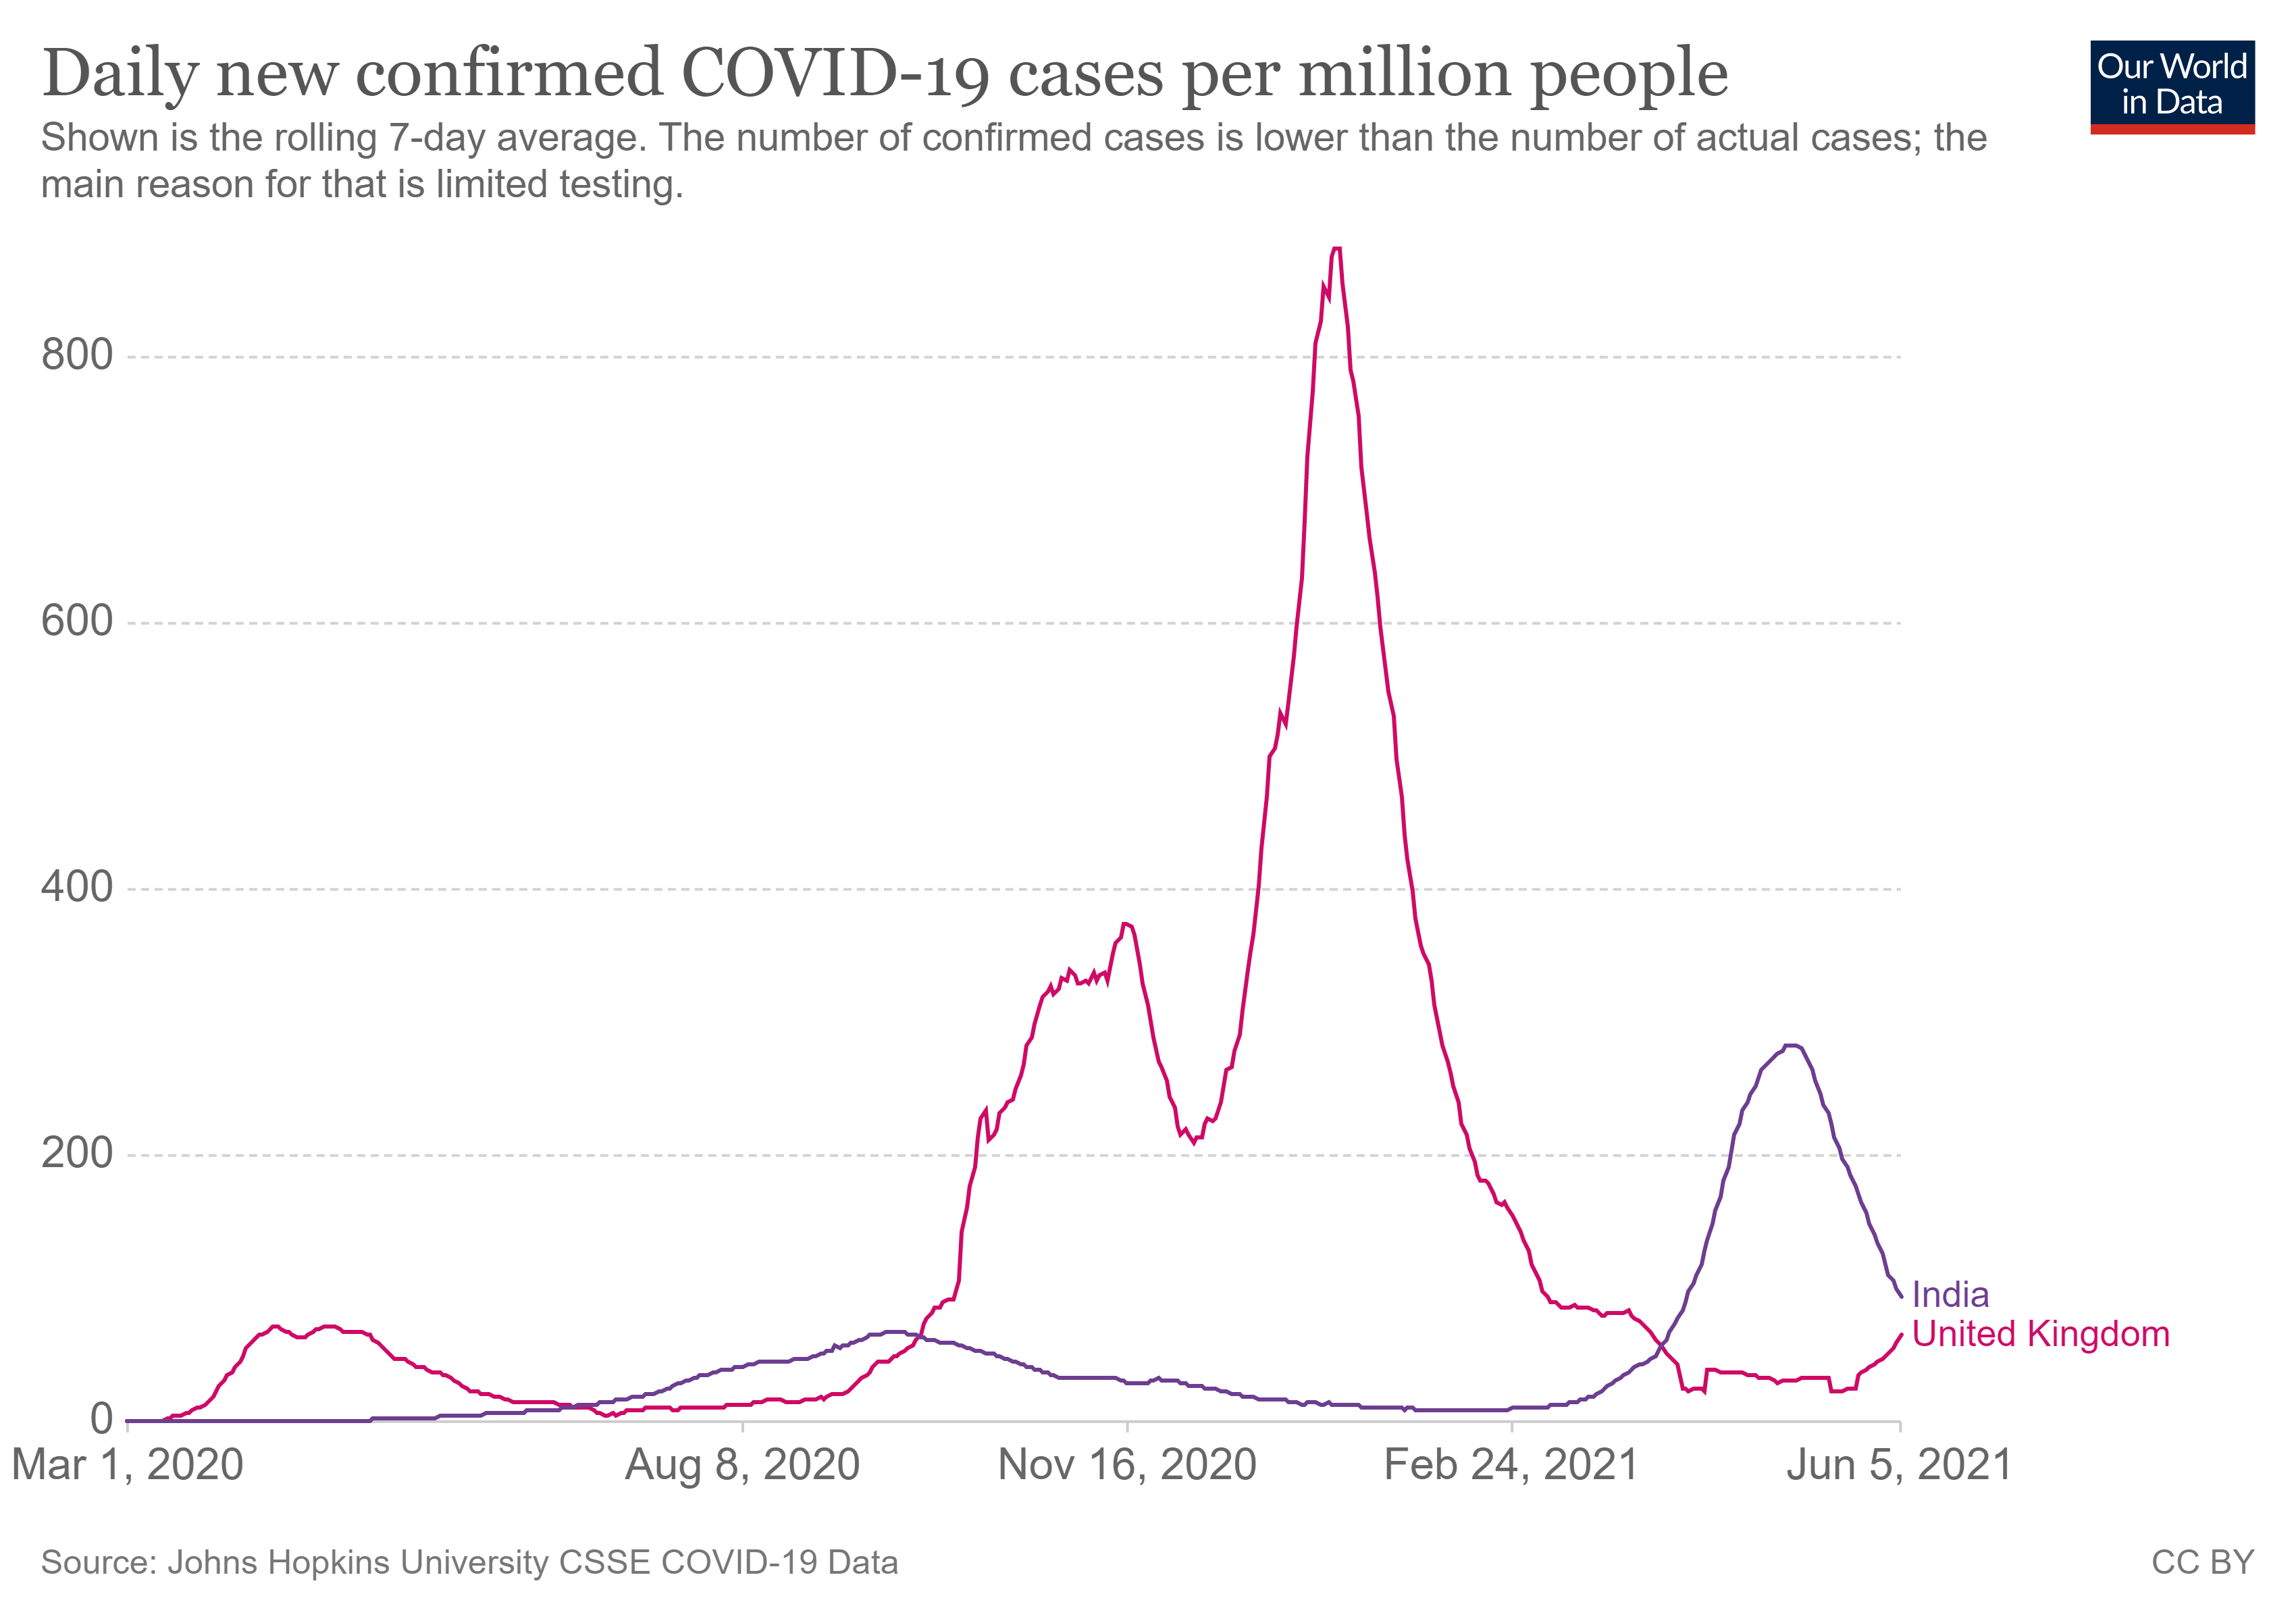 coronavirus-data-explorer (2).png